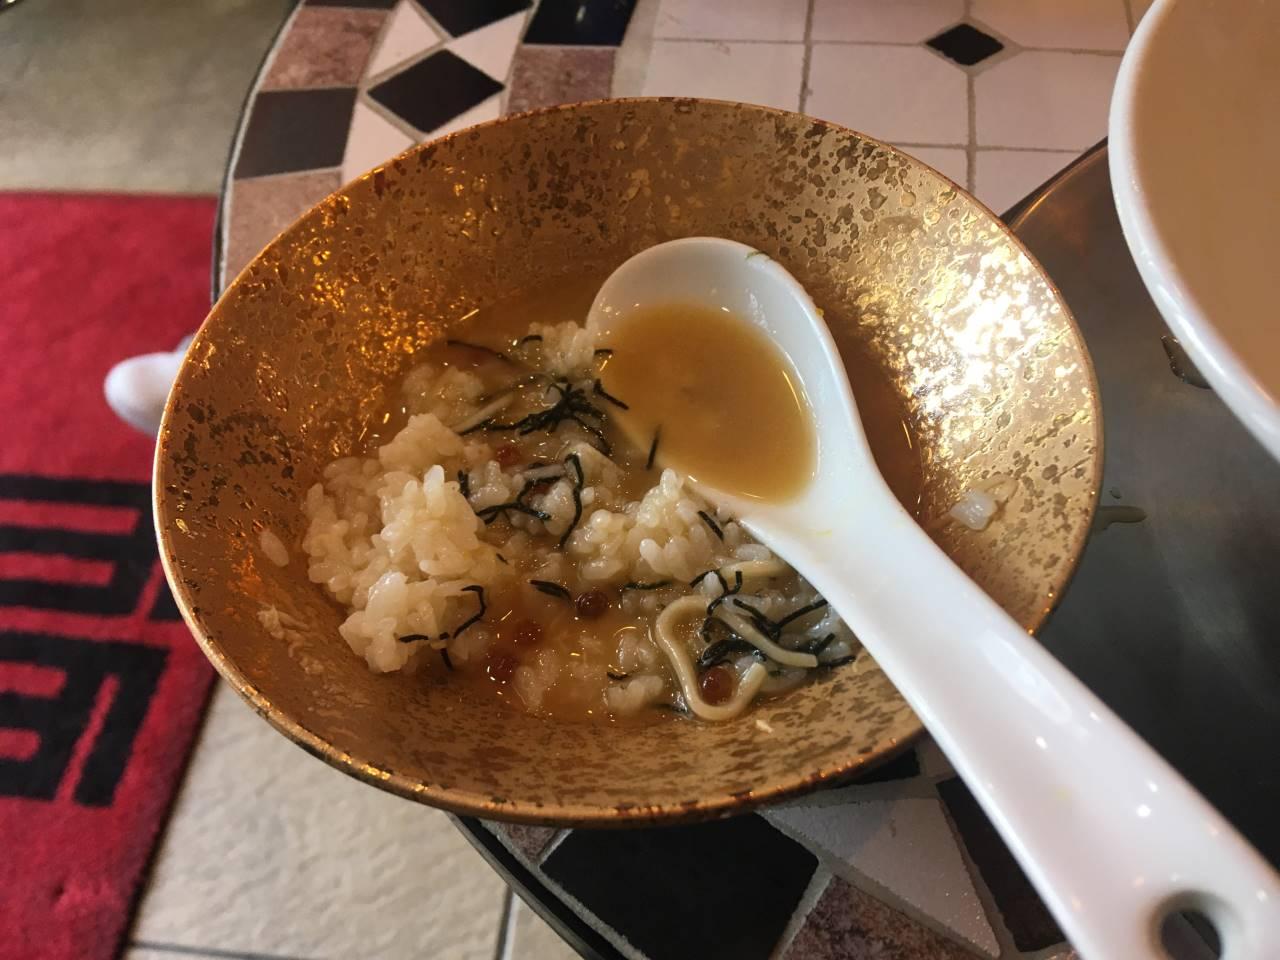 竹末東京プレミアム5周年記念のラーメン竹末東京プレミアム5周年記念のご飯ものに鶏白湯の残りスープ突っ込んだ状態